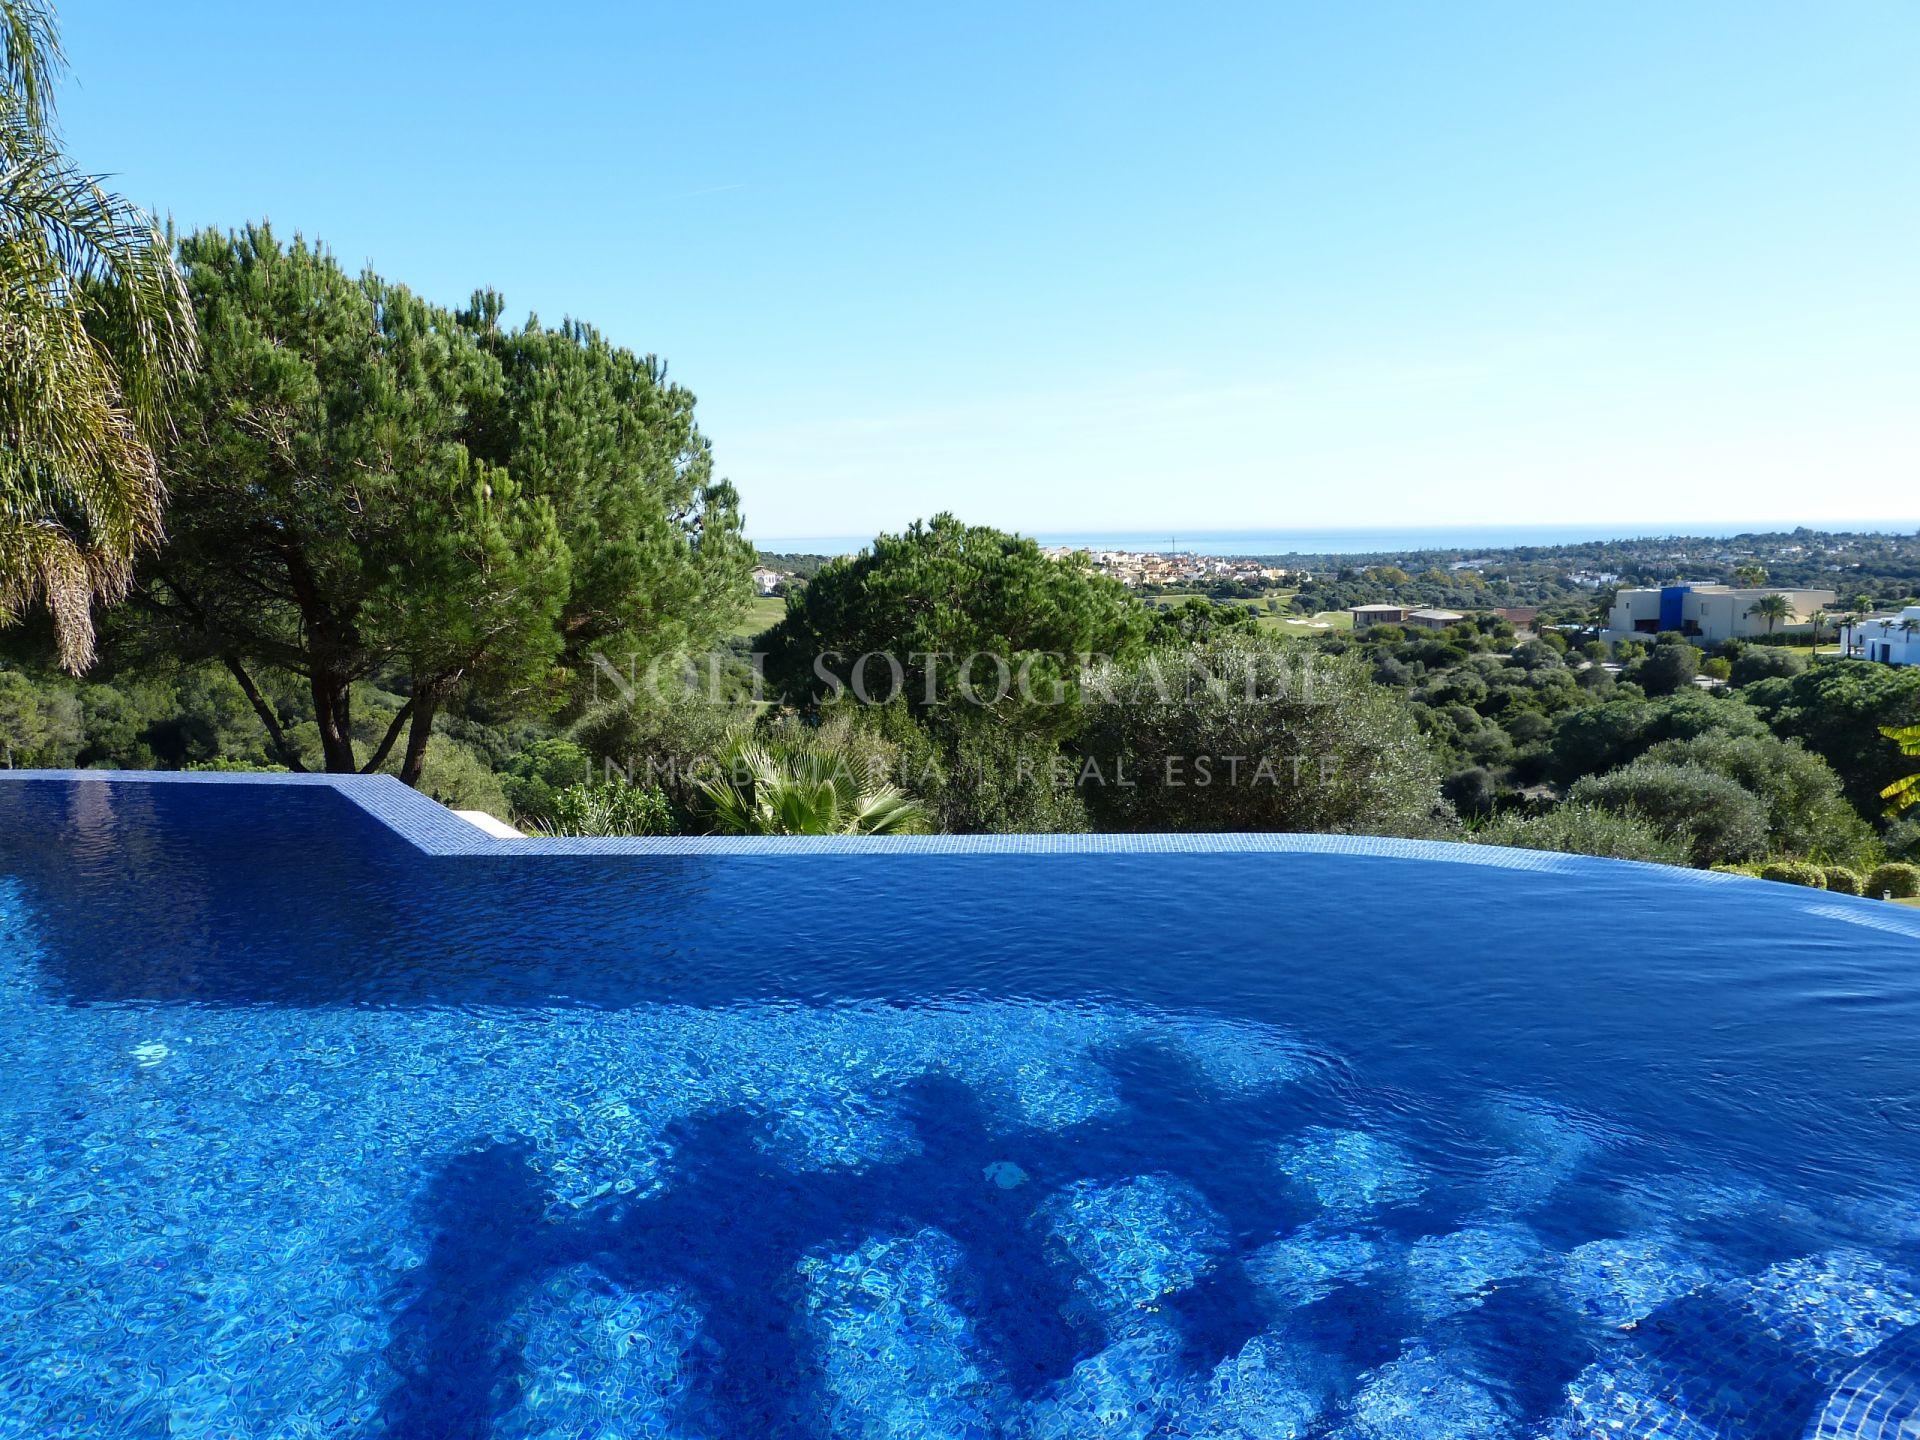 Villa Sotogrande La Reserva con vistas espectaculares al mar y golf.